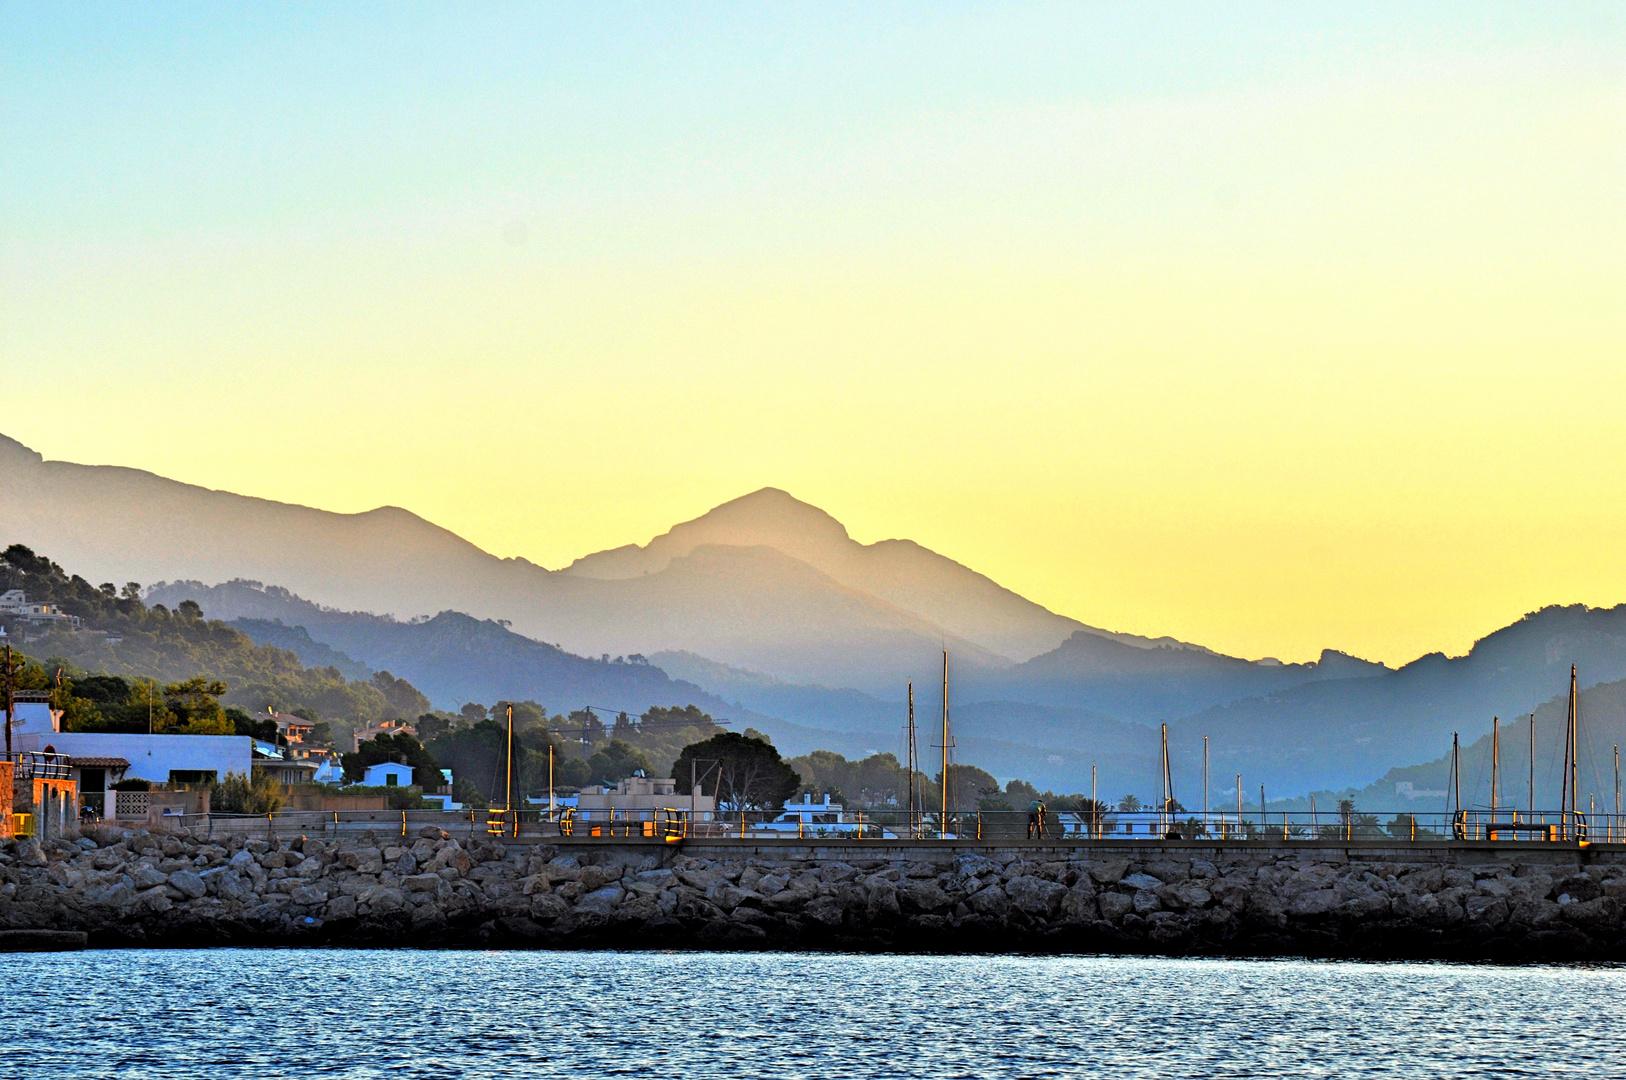 """Sonnenaufgang """"Port De Andratx / Mallorca"""" vom Boot aus geschossen"""